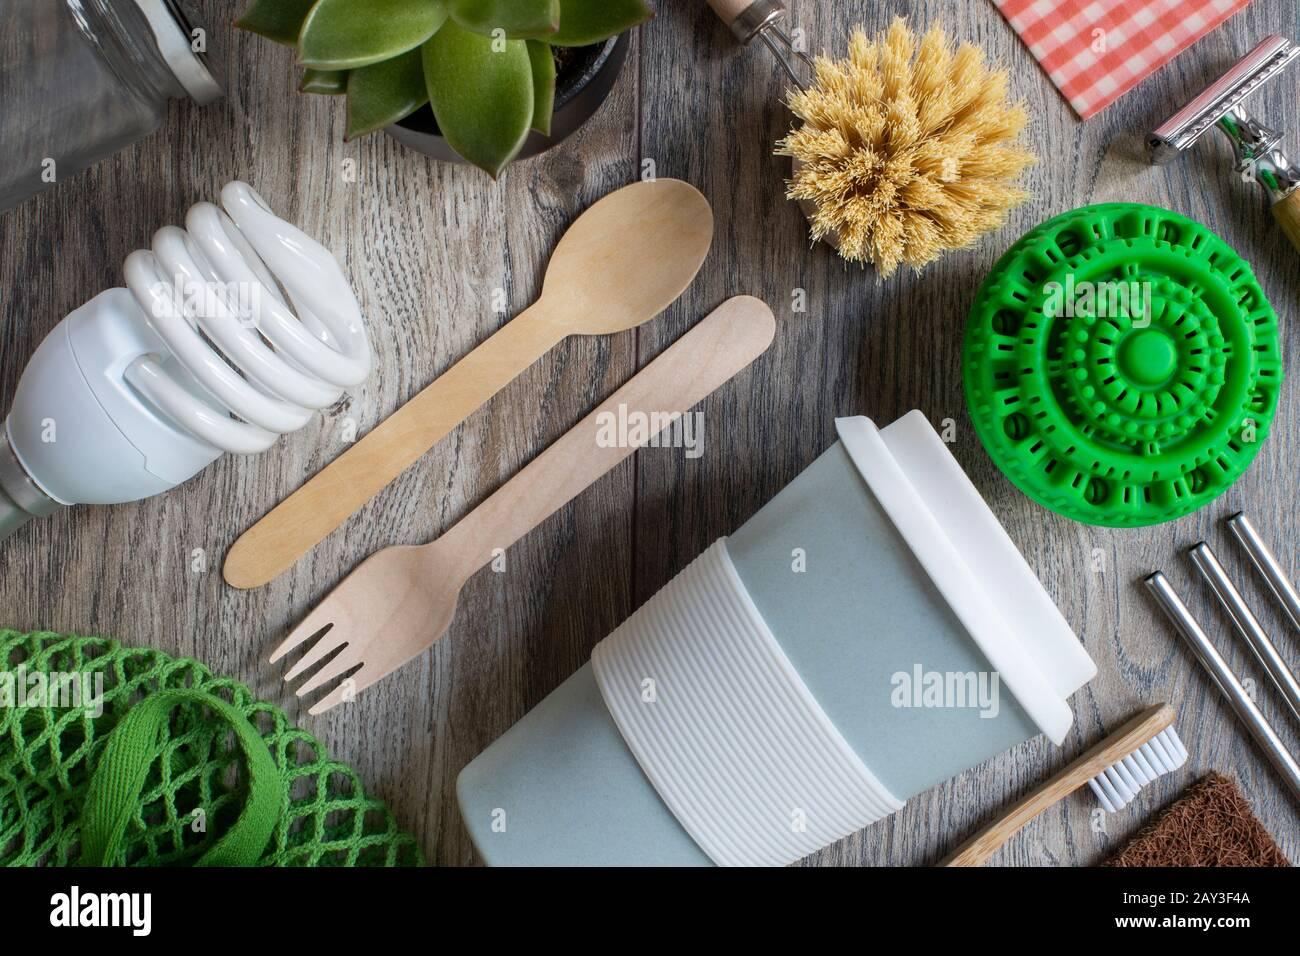 Flacher Laienschuss Aus Umweltfreundlichen Kunststoffprodukten Mit Wiederverwendbaren Oder Nachhaltigen Zero Waste Produkten Auf Holzhintergrund Mit Holzhals-Besteckpapier Aus Holzhalmen Stockfoto